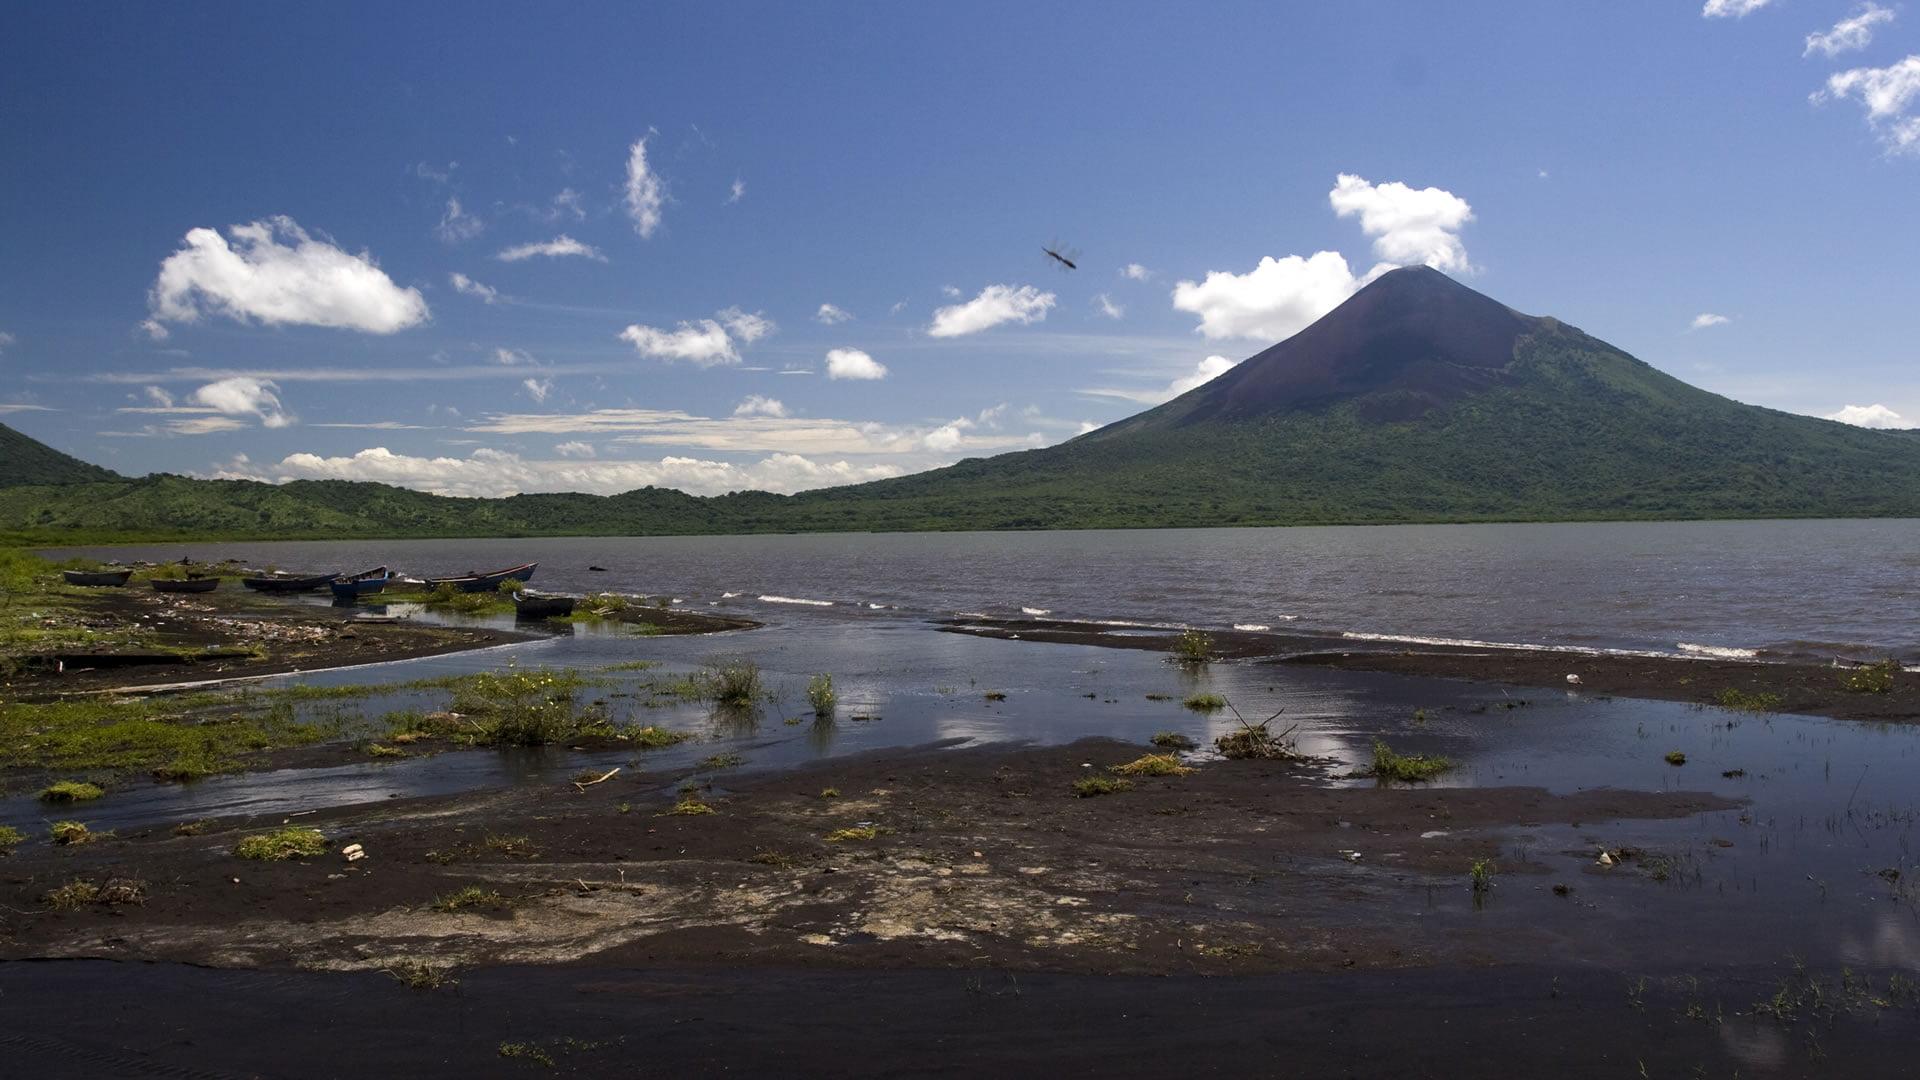 Vistas del Volcán de Momotombo desde el Lago de Managua